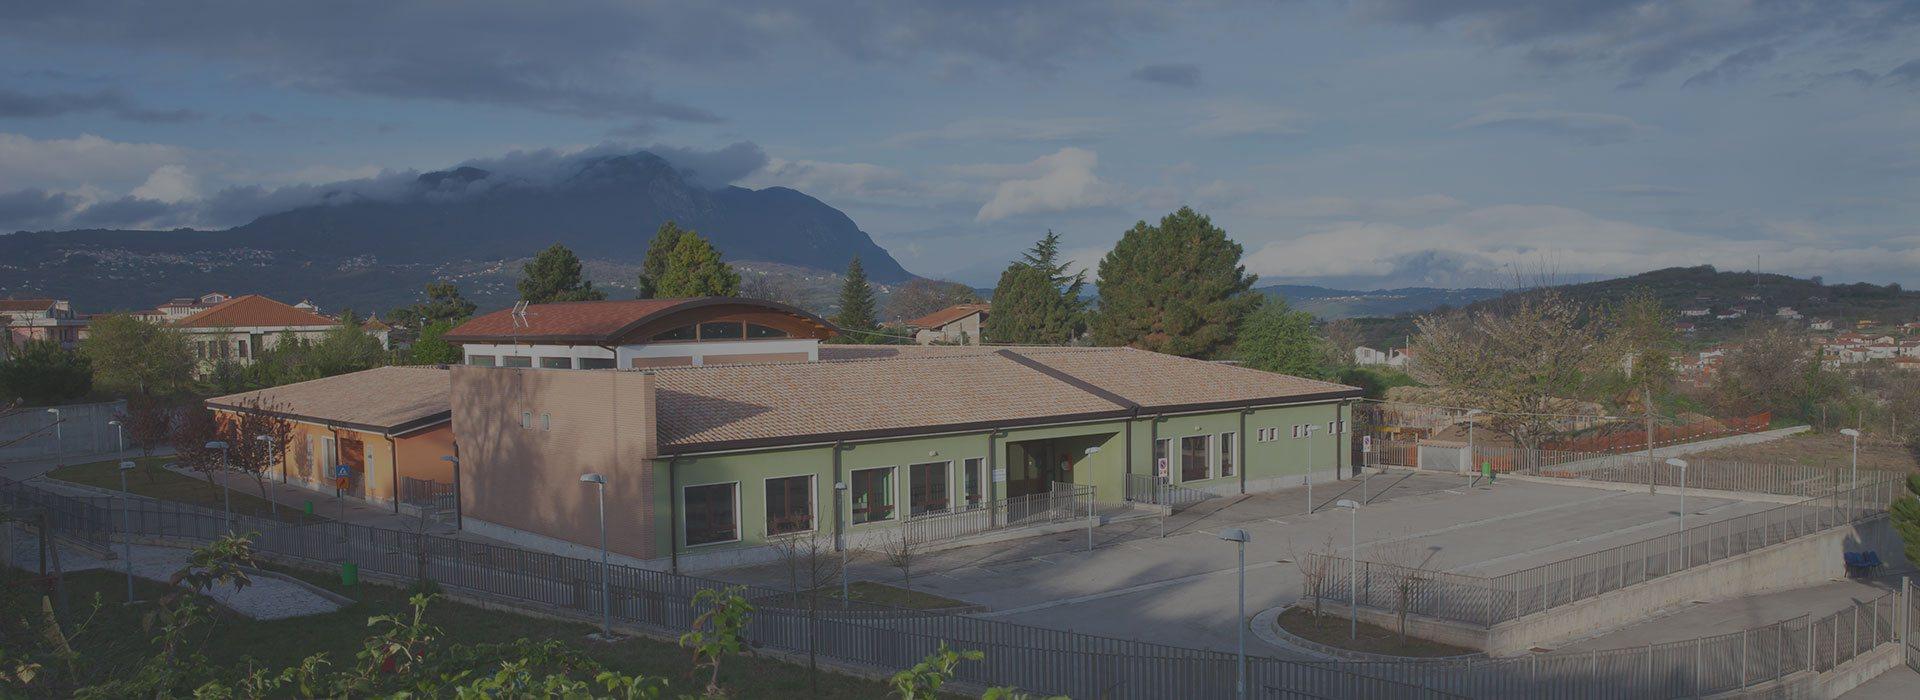 Comunità Alloggio Villa Serena - Avellino